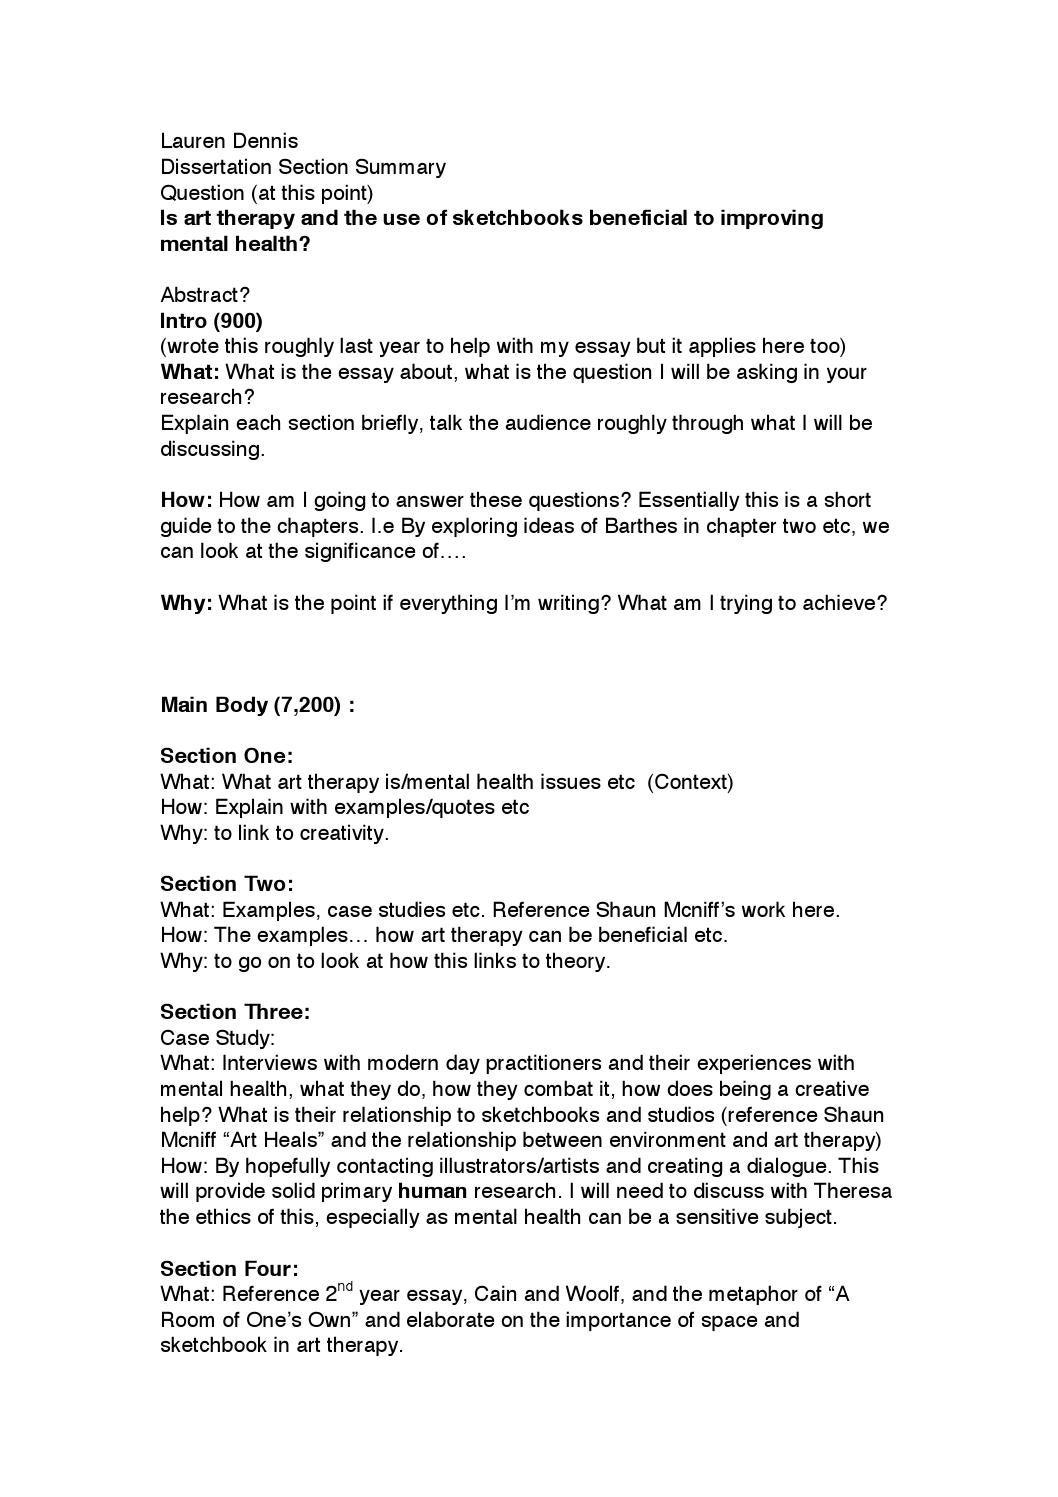 Dissertation Section Summary Sept By Lauren Dennis Issuu